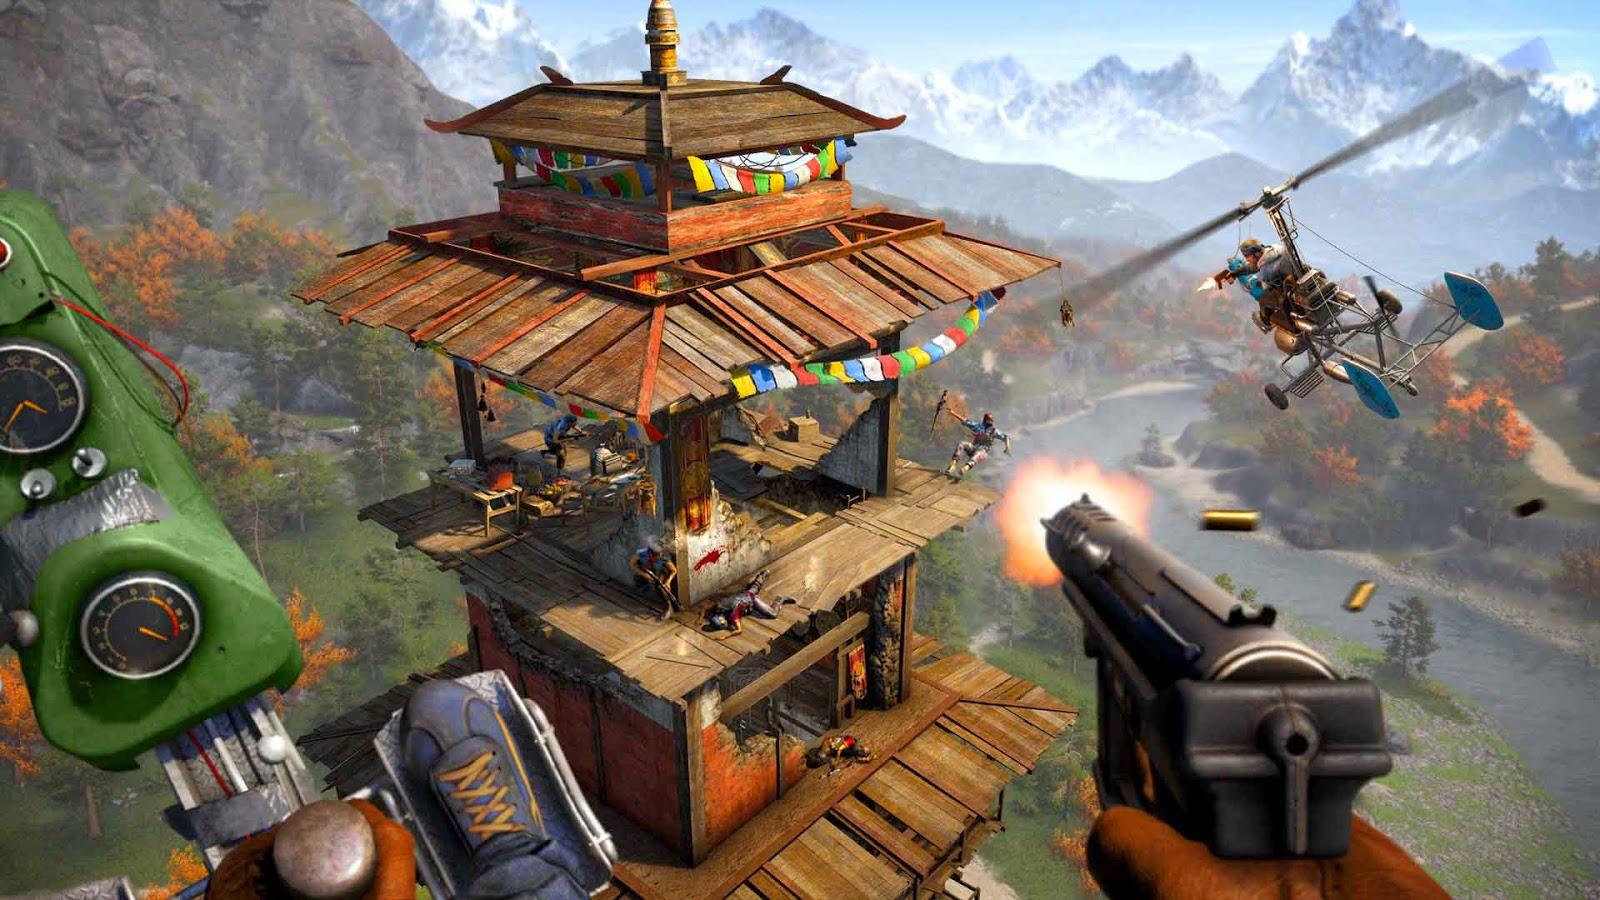 وهشانی چوارهمی یاری بهناوبانگ Far Cry 4 بۆ ویندۆز